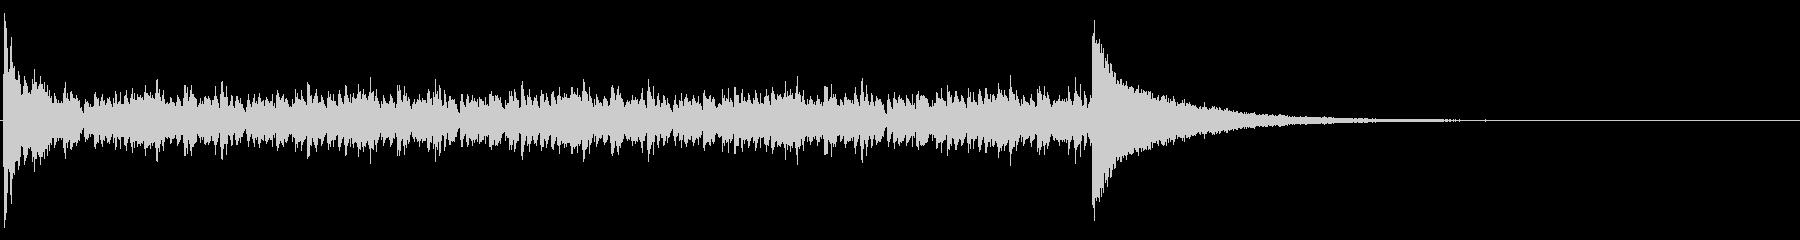 ドラムロール_9秒の未再生の波形